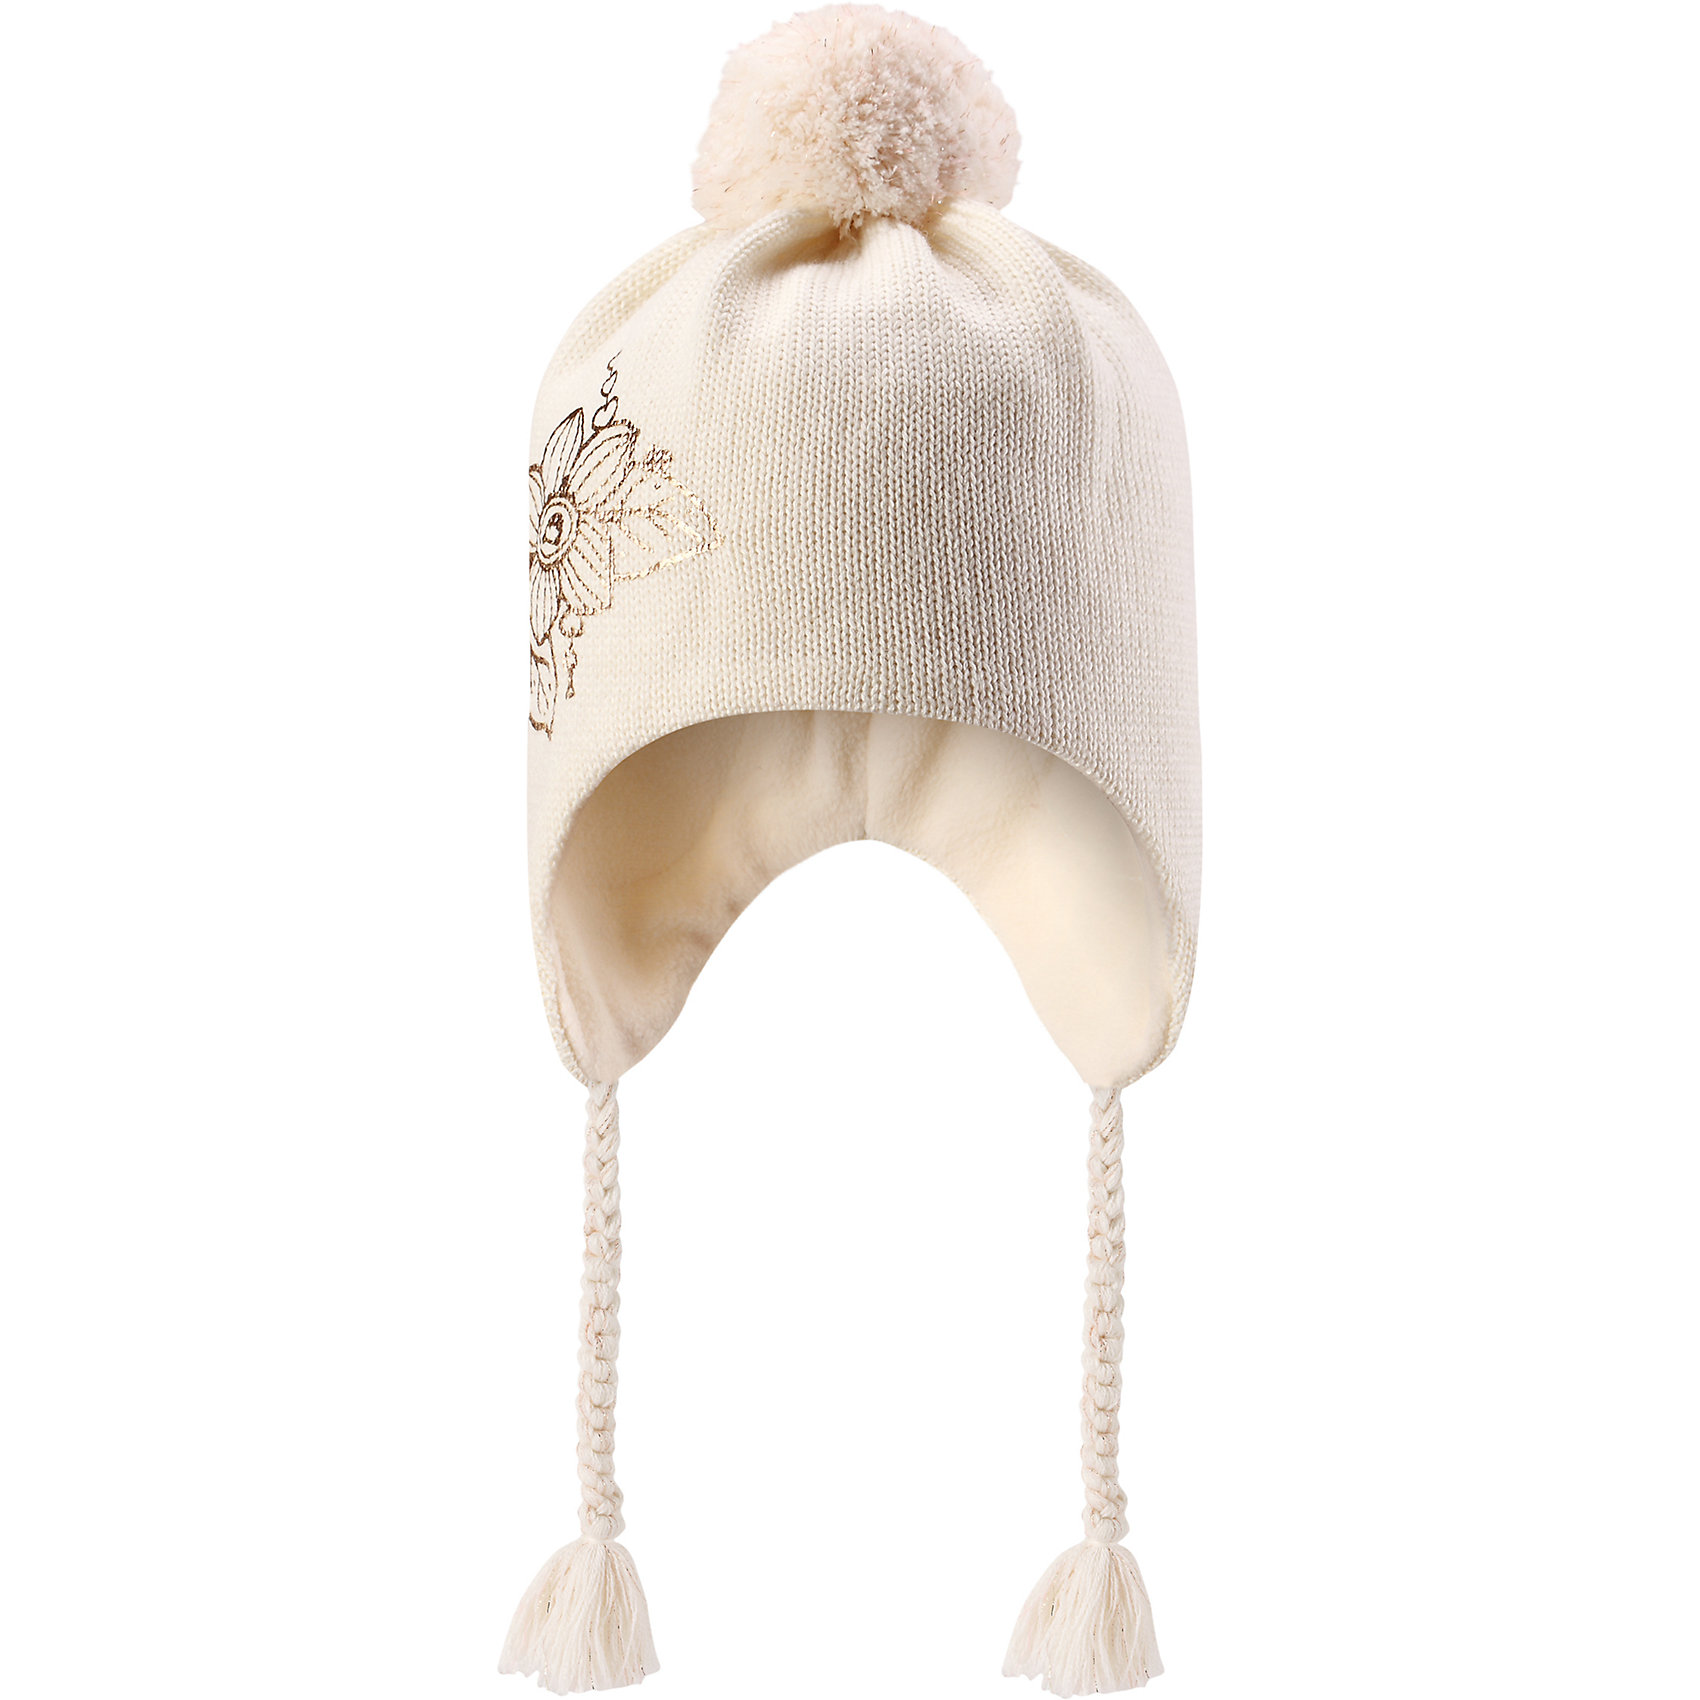 Шапка Lassie для девочкиШапки и шарфы<br>Характеристики товара:<br><br>• цвет: белый;<br>• состав: 50% шерсть, 50% полиакрил;<br>• подкладка: 100% полиэстер, флис;<br>• без утеплителя;<br>• сезон: демисезон;<br>• температурный режим: от +5С;<br>• особенности: шерстяная, с помпоном;<br>• шапка на завязках;<br>• мягкая и теплая ткань из смеси шерсти;<br>• ветронепроницаемые вставки в области ушей; <br>• сплошная подкладка: мягкий теплый флис;<br>• светоотражающие детали; <br>• страна бренда: Финляндия;<br>• страна изготовитель: Китай;<br><br>Эта очаровательная детская шапка незаменима в холодные зимние дни! Красивая и гладкая флисовая подкладка очень приятна на ощупь и обеспечивает дополнительное утепление. Ветронепроницаемые вставки в области ушей защищают ушки от холодного ветра, а спереди на шапке размещена светоотражающая эмблема Lassie®. <br><br>Шапку Lassie (Ласси) можно купить в нашем интернет-магазине.<br><br>Ширина мм: 89<br>Глубина мм: 117<br>Высота мм: 44<br>Вес г: 155<br>Цвет: белый<br>Возраст от месяцев: 72<br>Возраст до месяцев: 144<br>Пол: Женский<br>Возраст: Детский<br>Размер: 54-56,46-48,50-52<br>SKU: 6928157